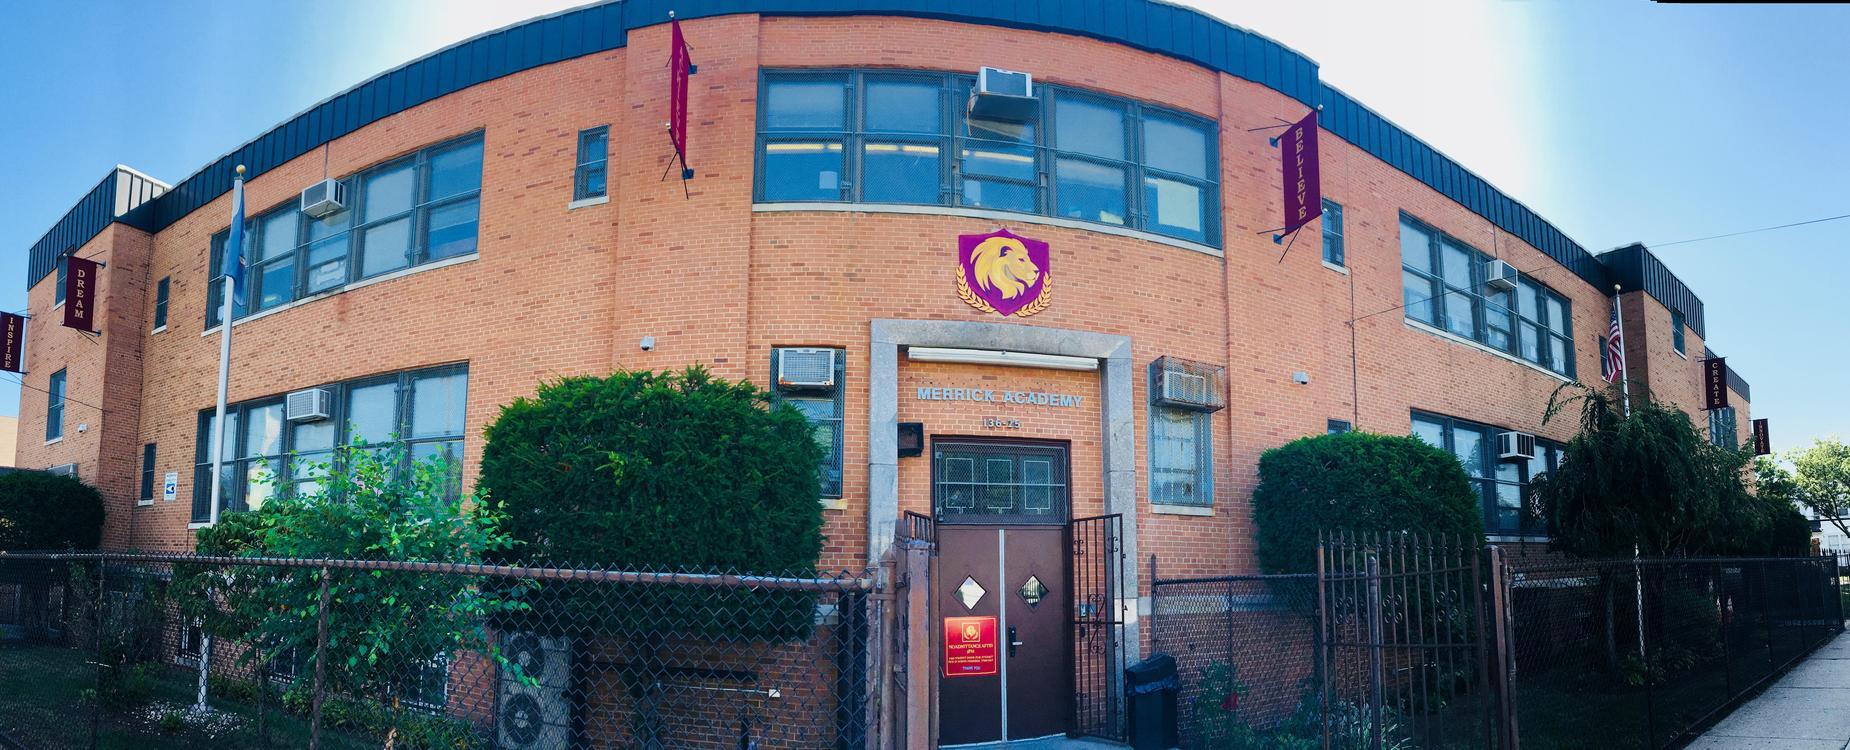 Merrick Academy Charter School